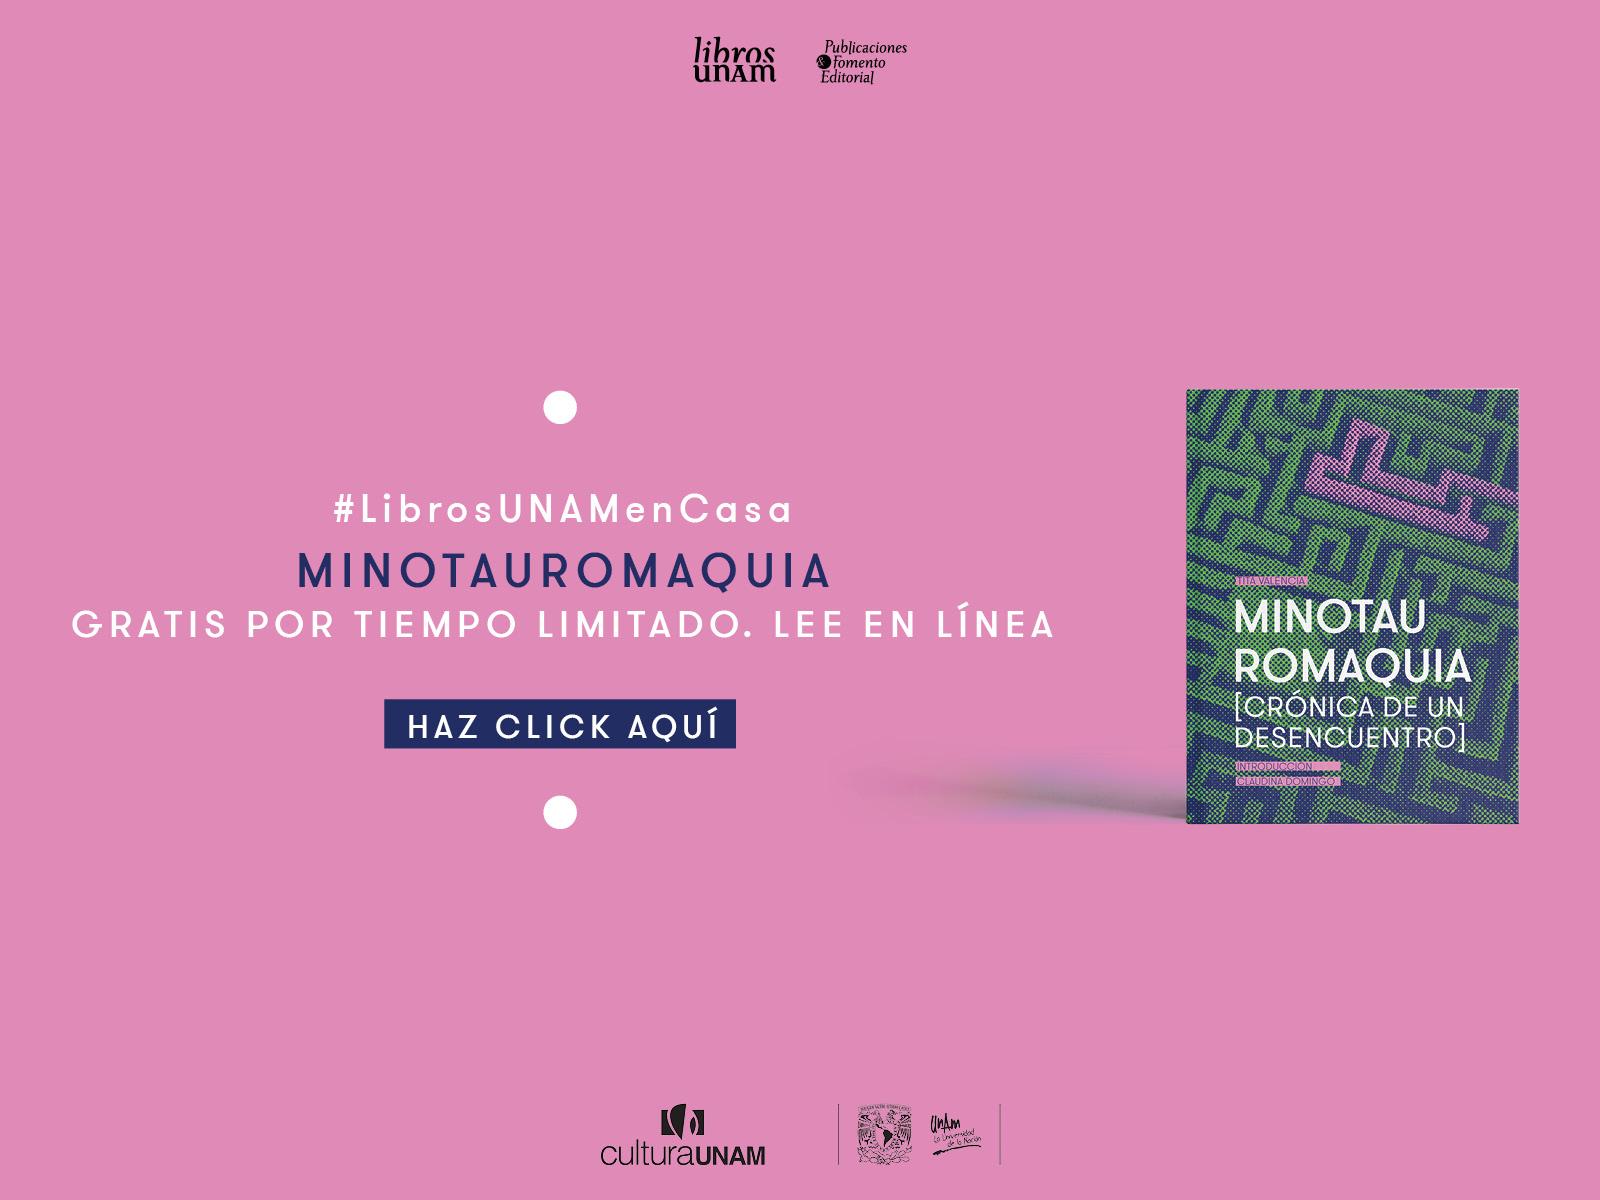 Lecturas temporales Flipbook Vindictas, Minotauromaquia